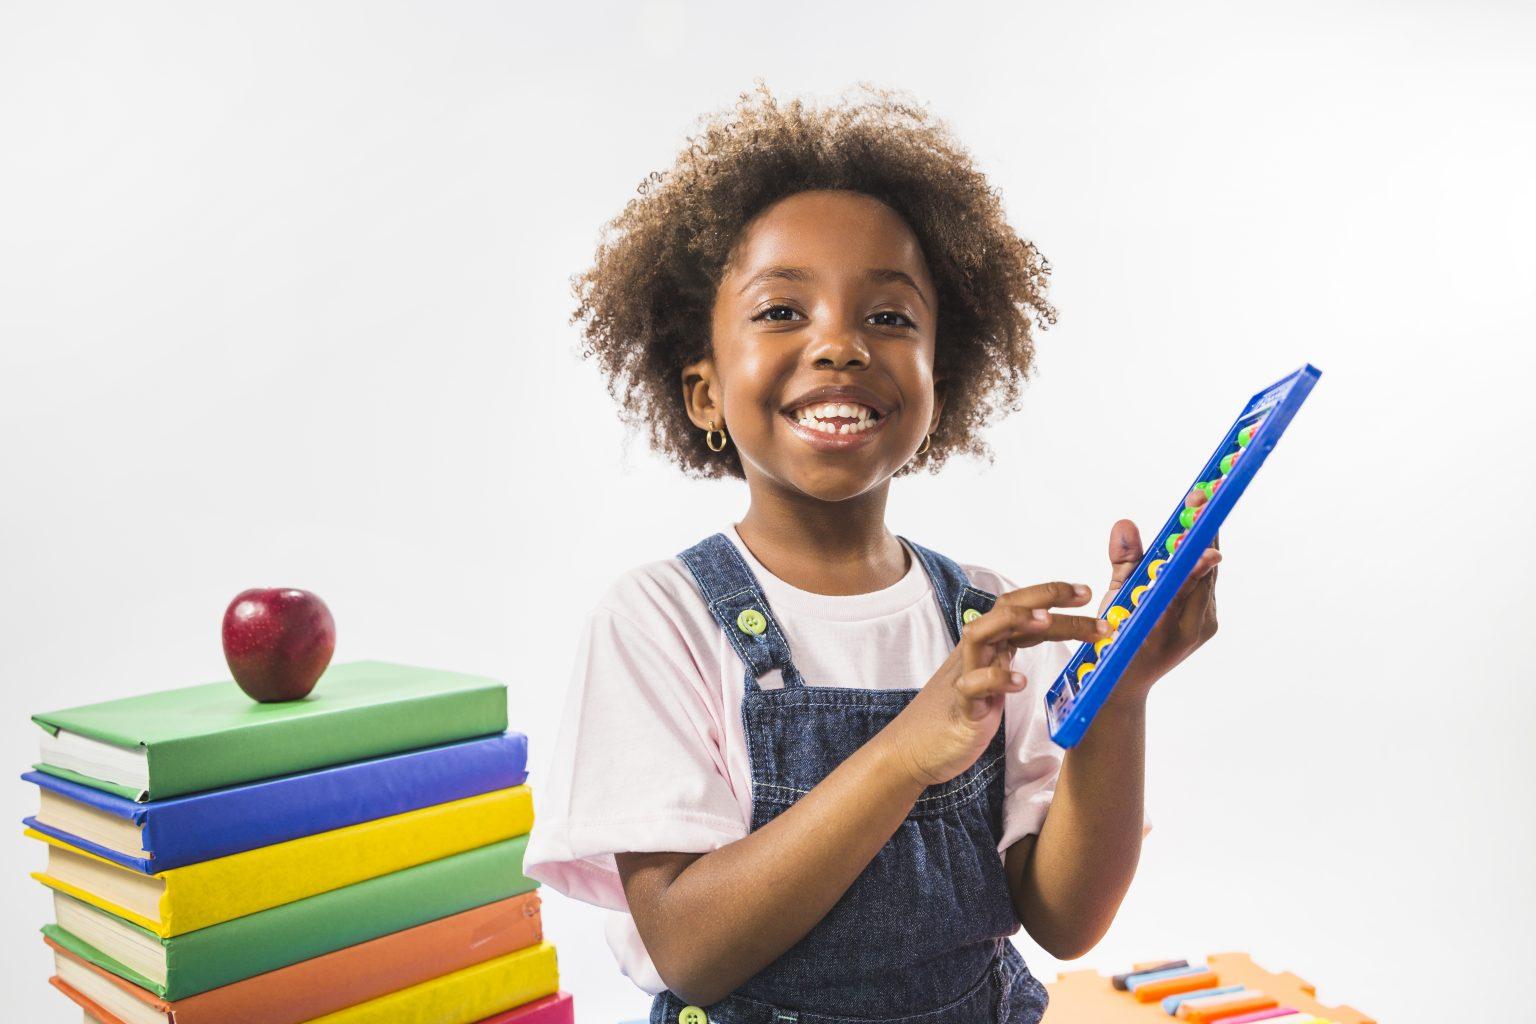 Educação socioemocional para crianças: entenda a importância